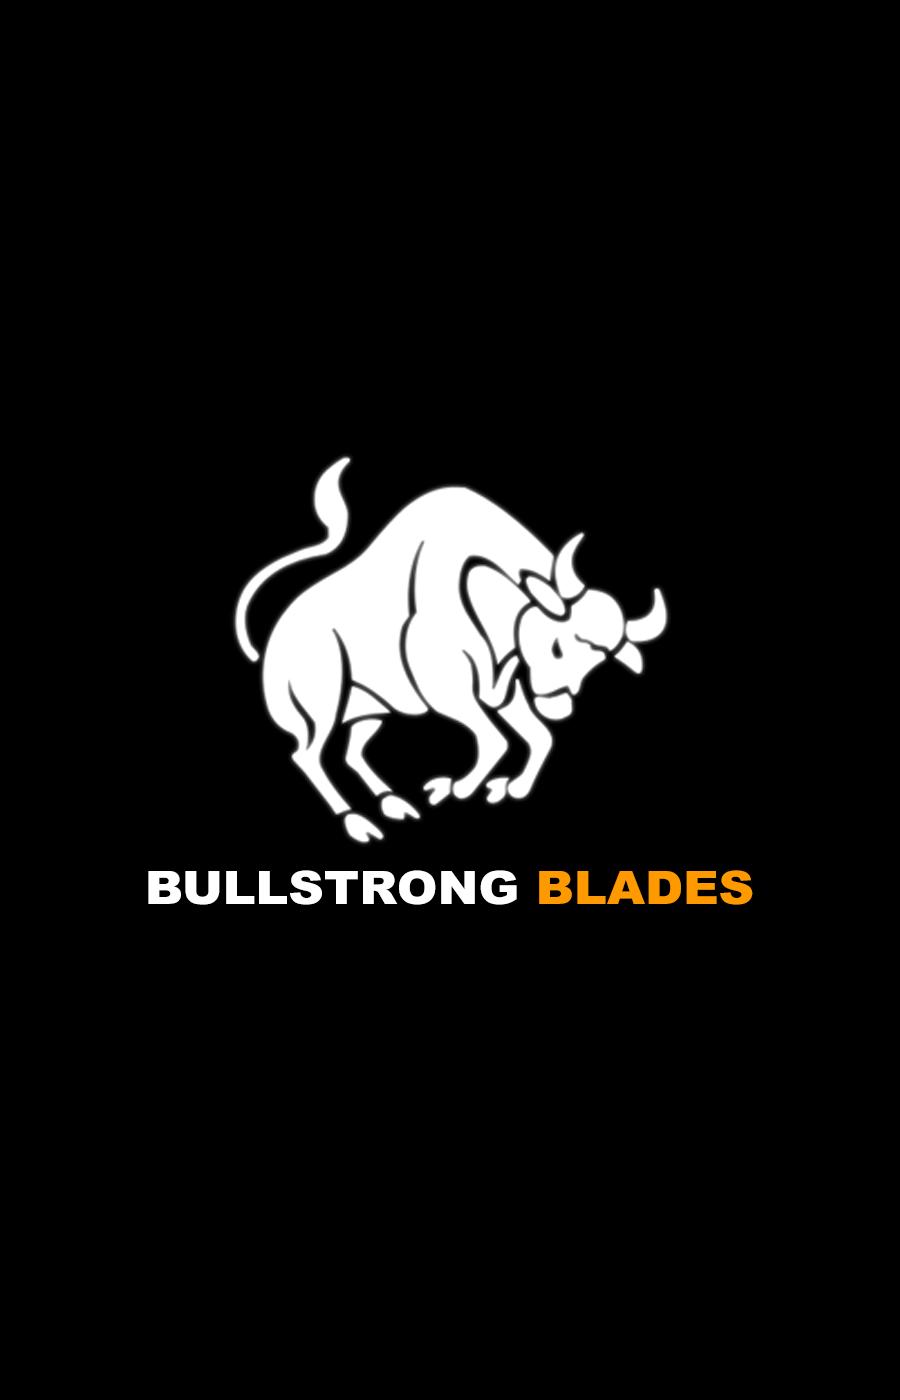 BullStrong Blades